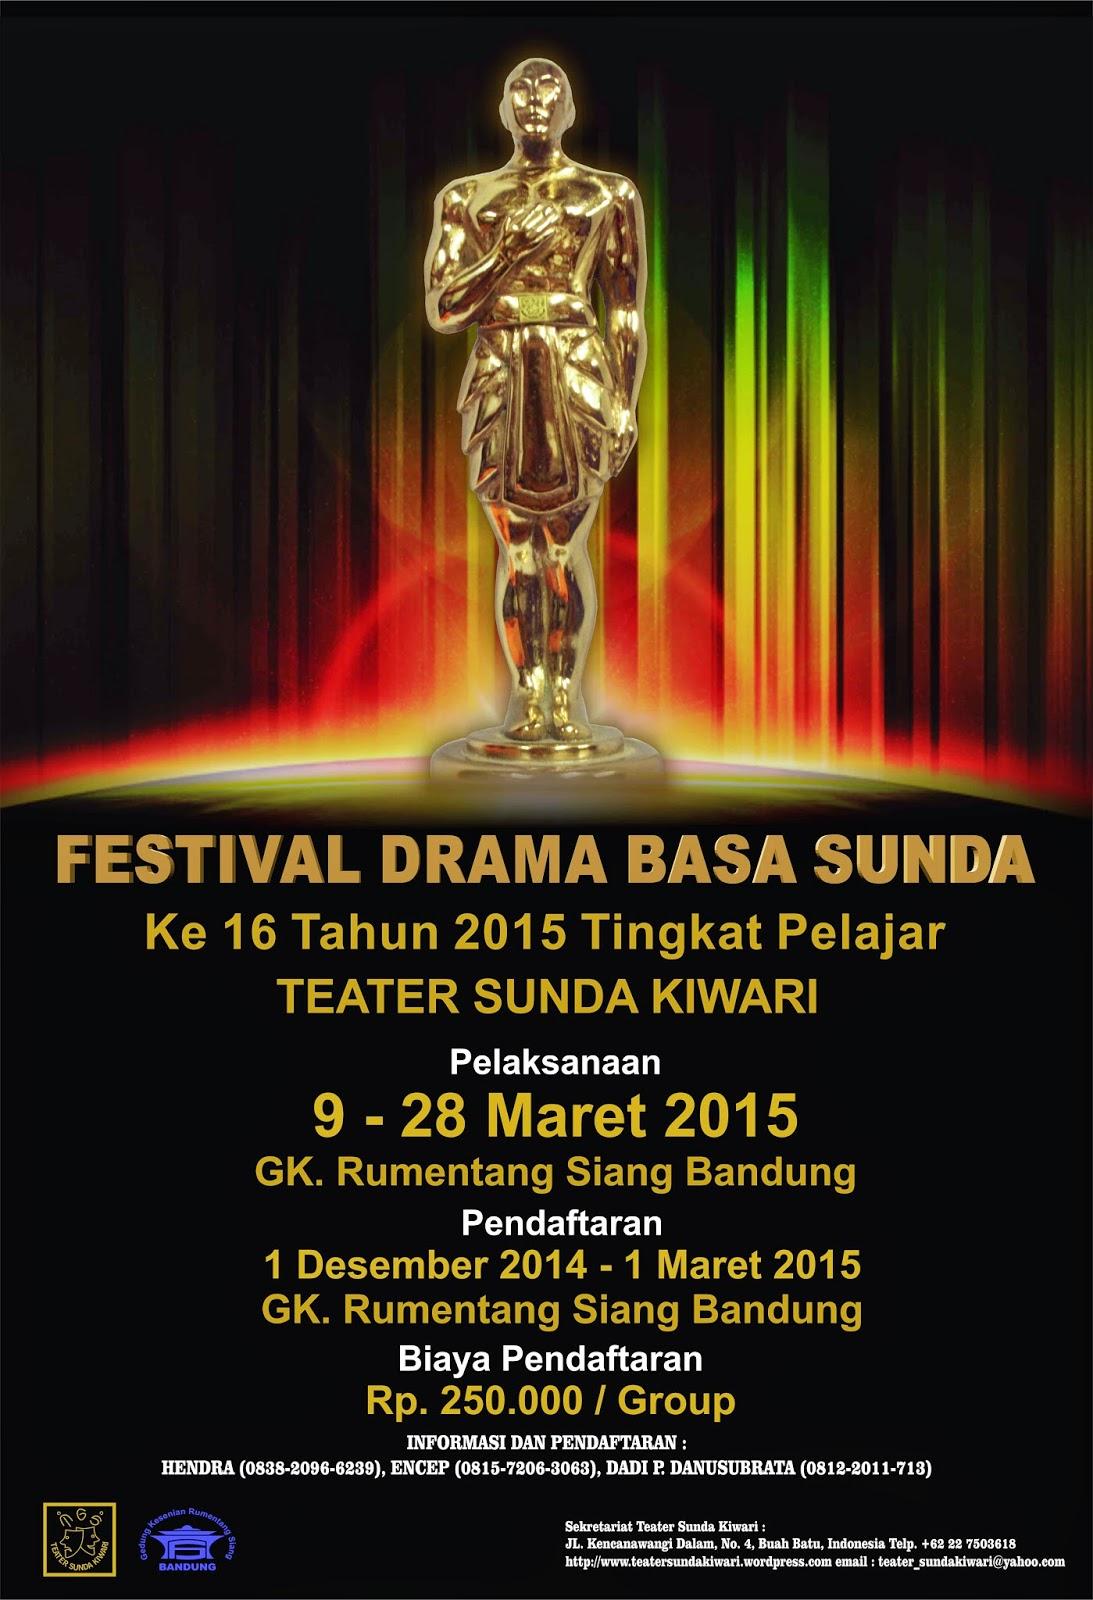 Festival Drama Basa Sunda Altoona Movie Theaters Logan Valley Mall